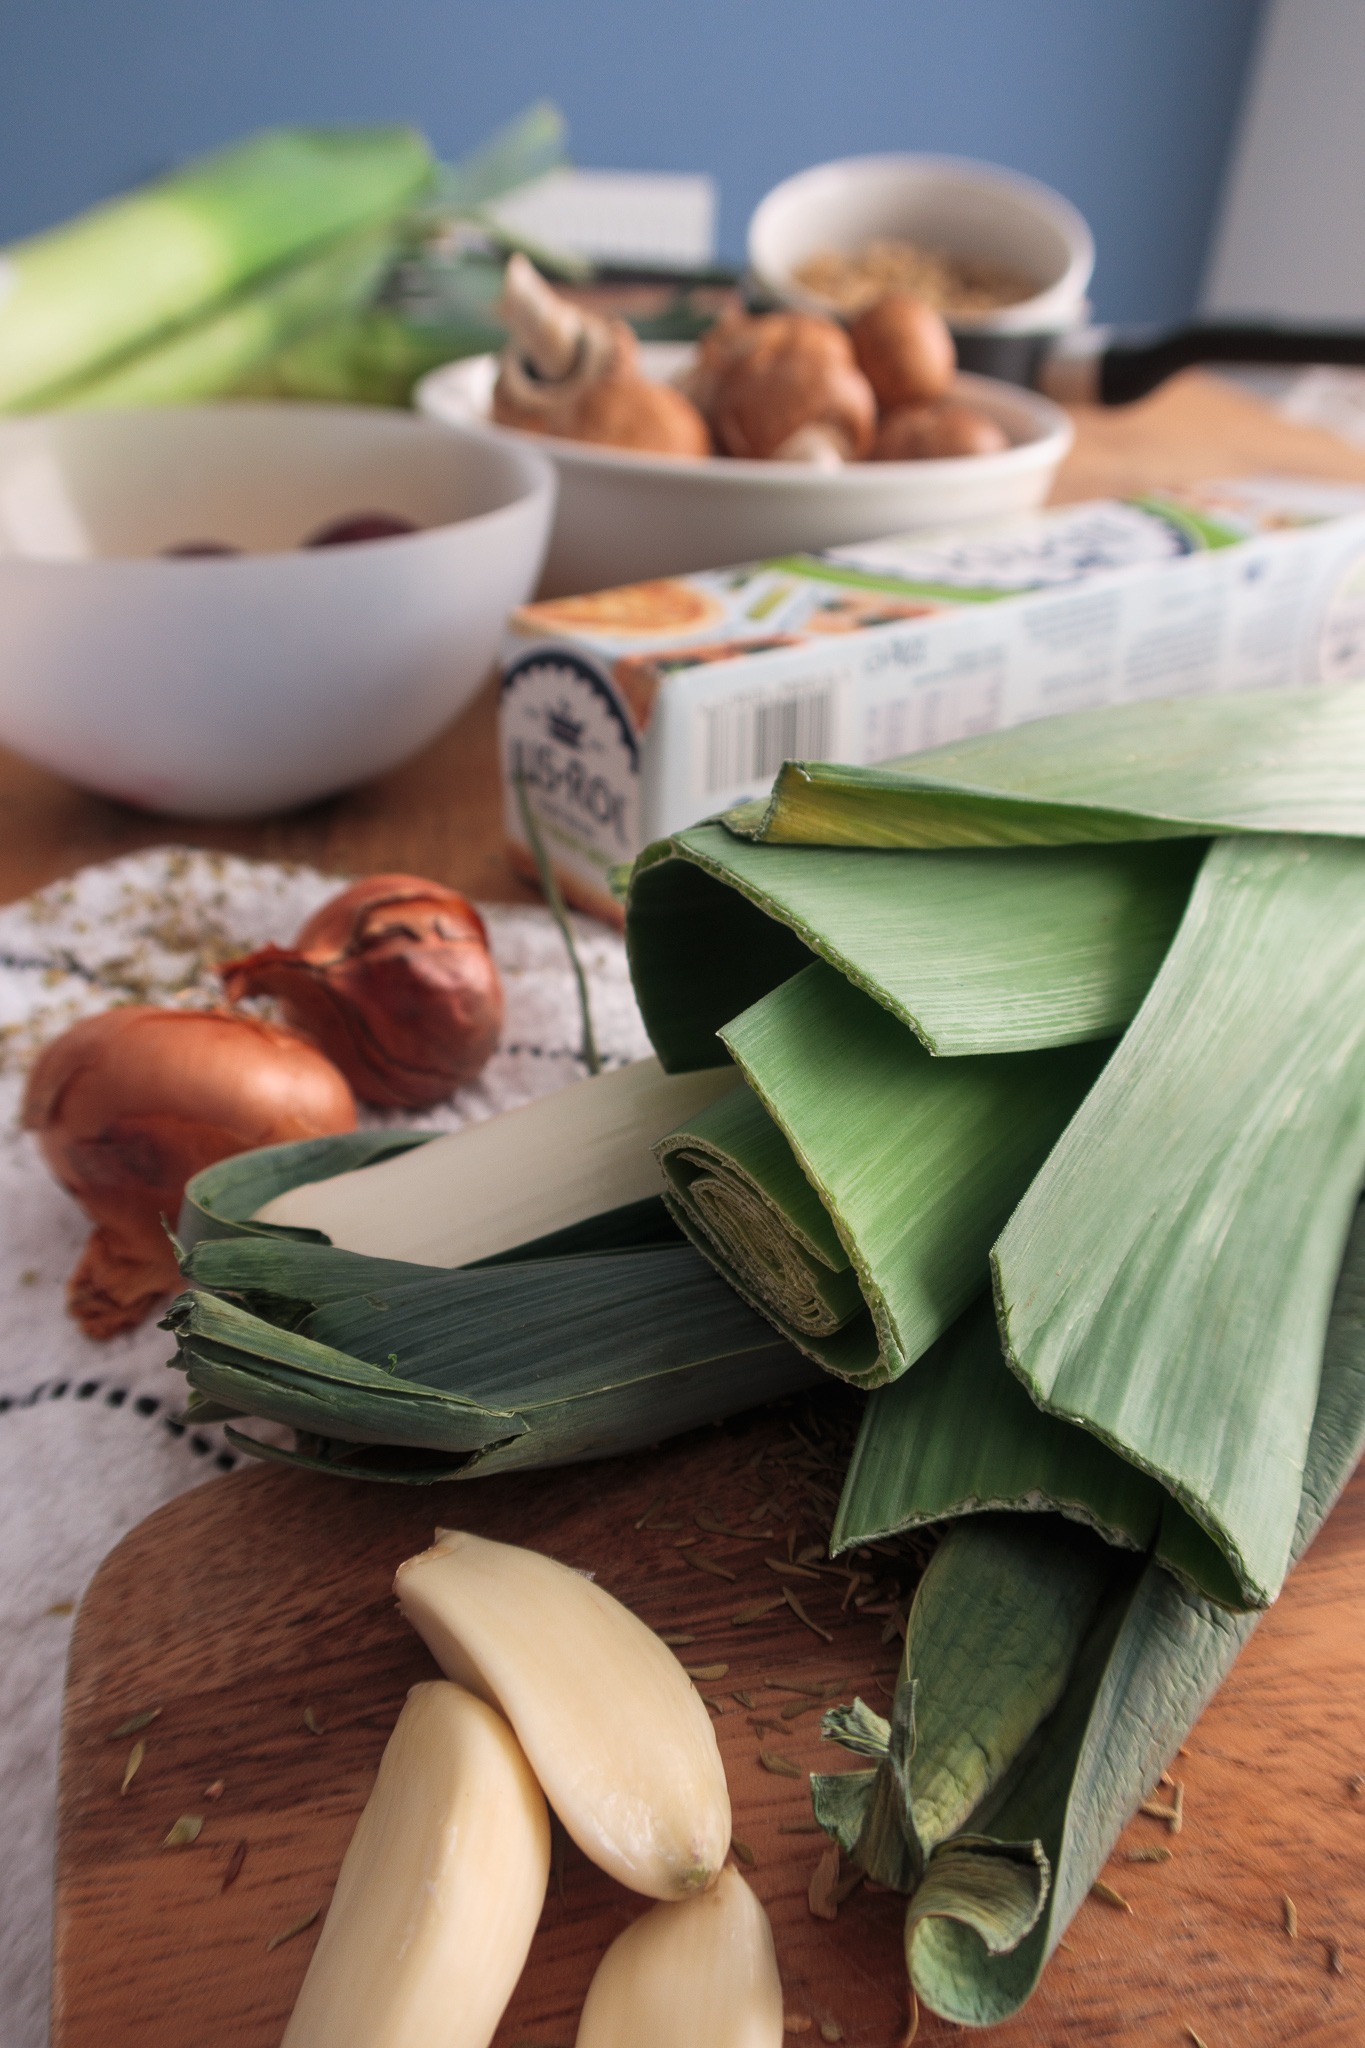 Beetroot wellington ingredients side view